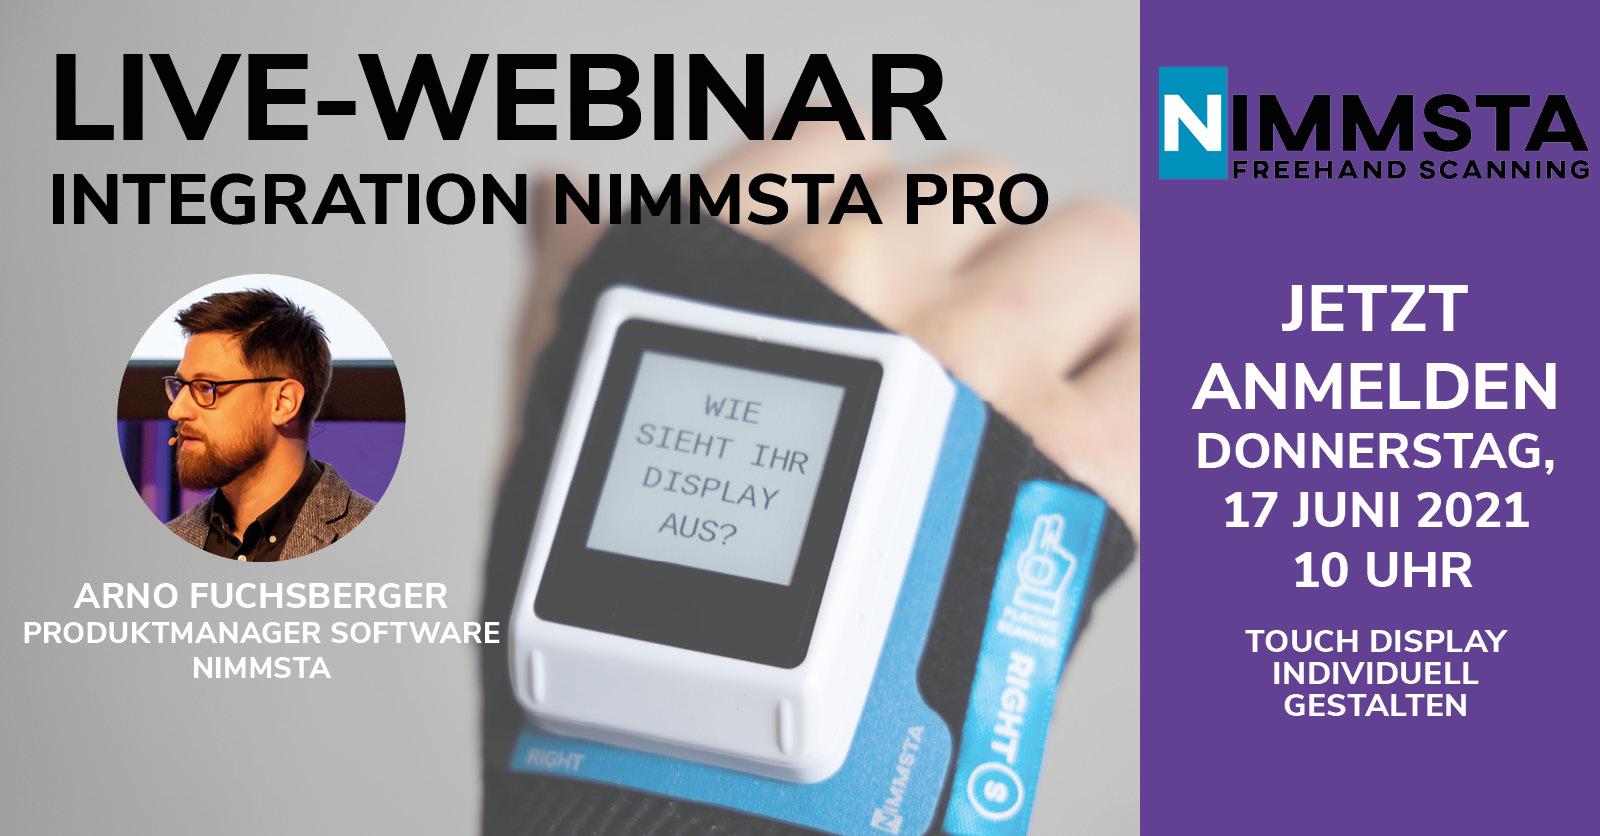 NIMMSTA Einladung zum Webinar